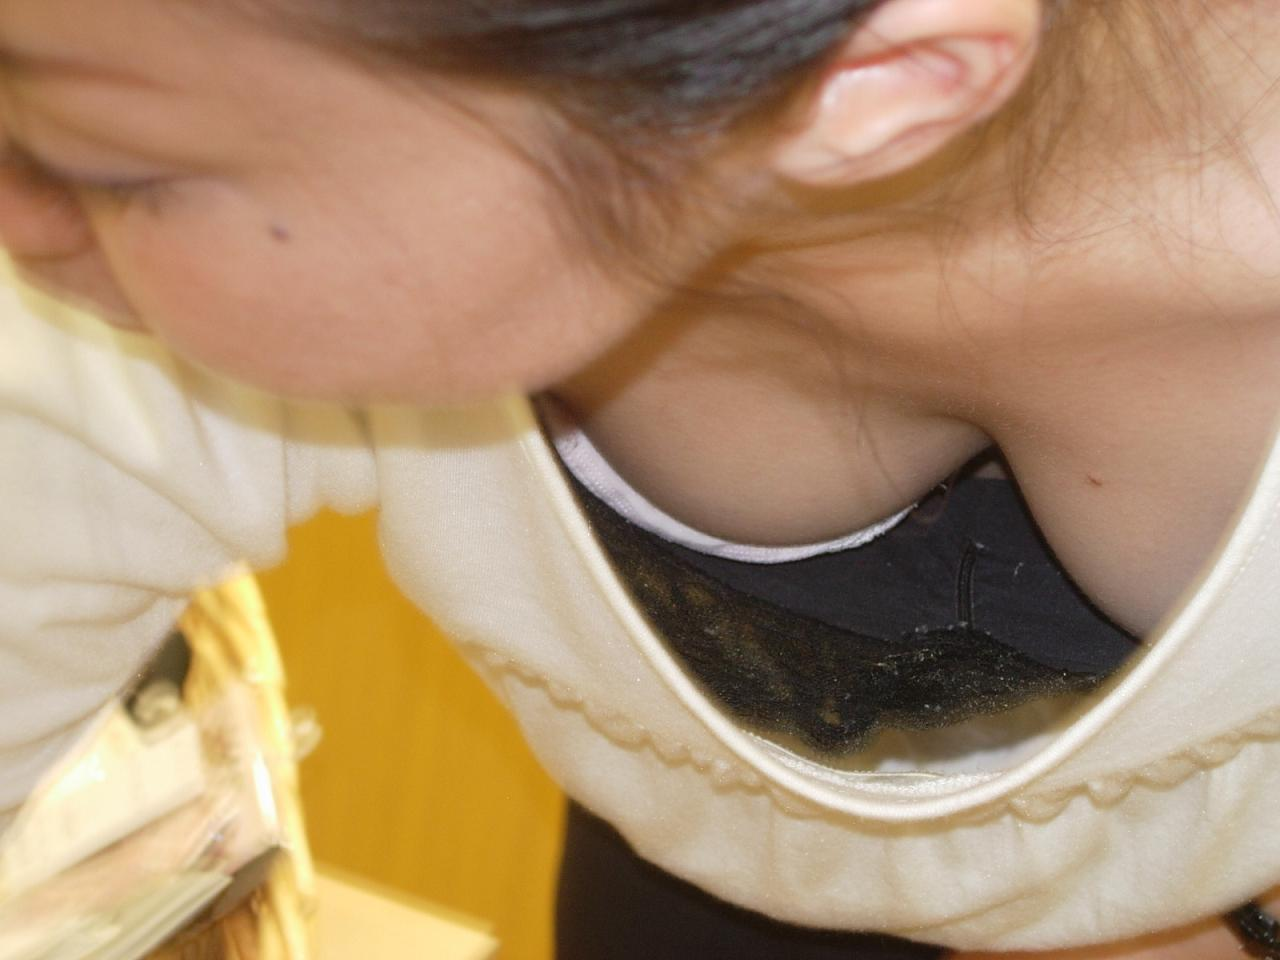 谷間や乳頭を観察したくなる女の子 (8)